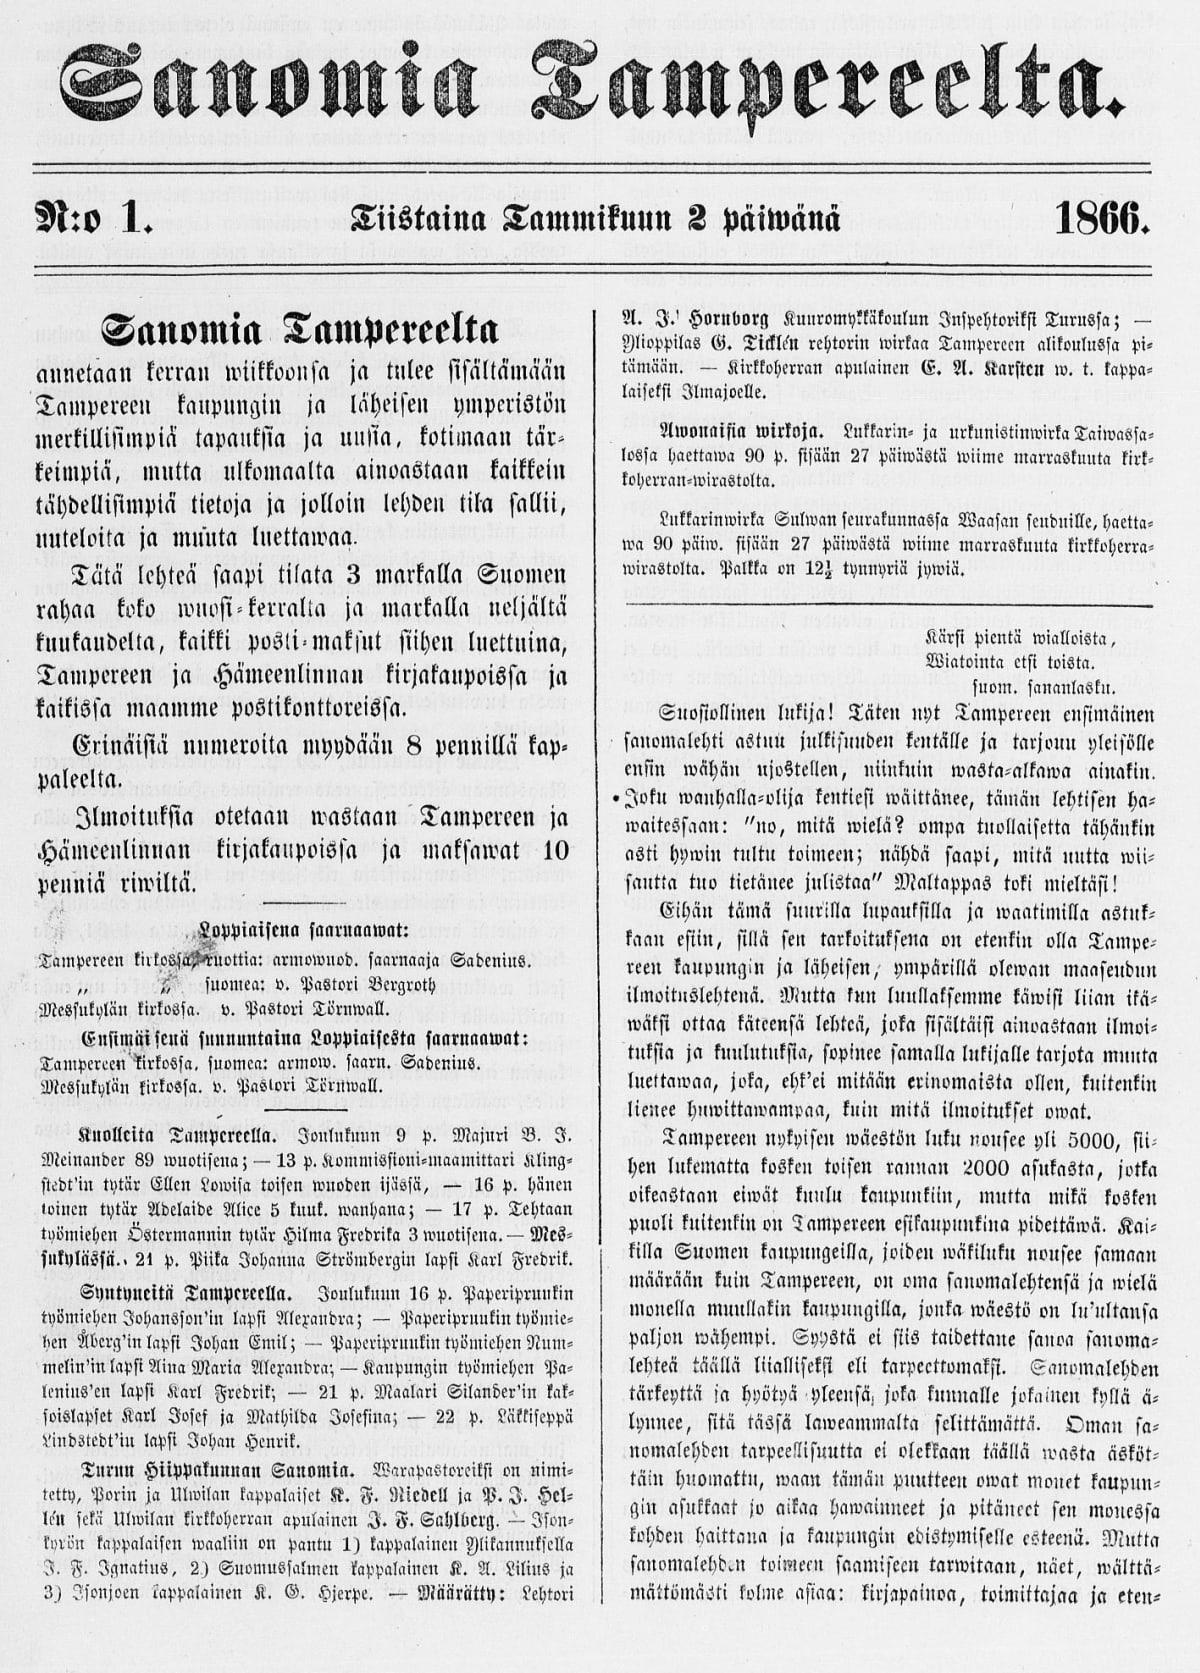 Sanomia Tampereelta -lehden ensimmäinen kansi tammikuun 2. päivältä vuodelta 1866